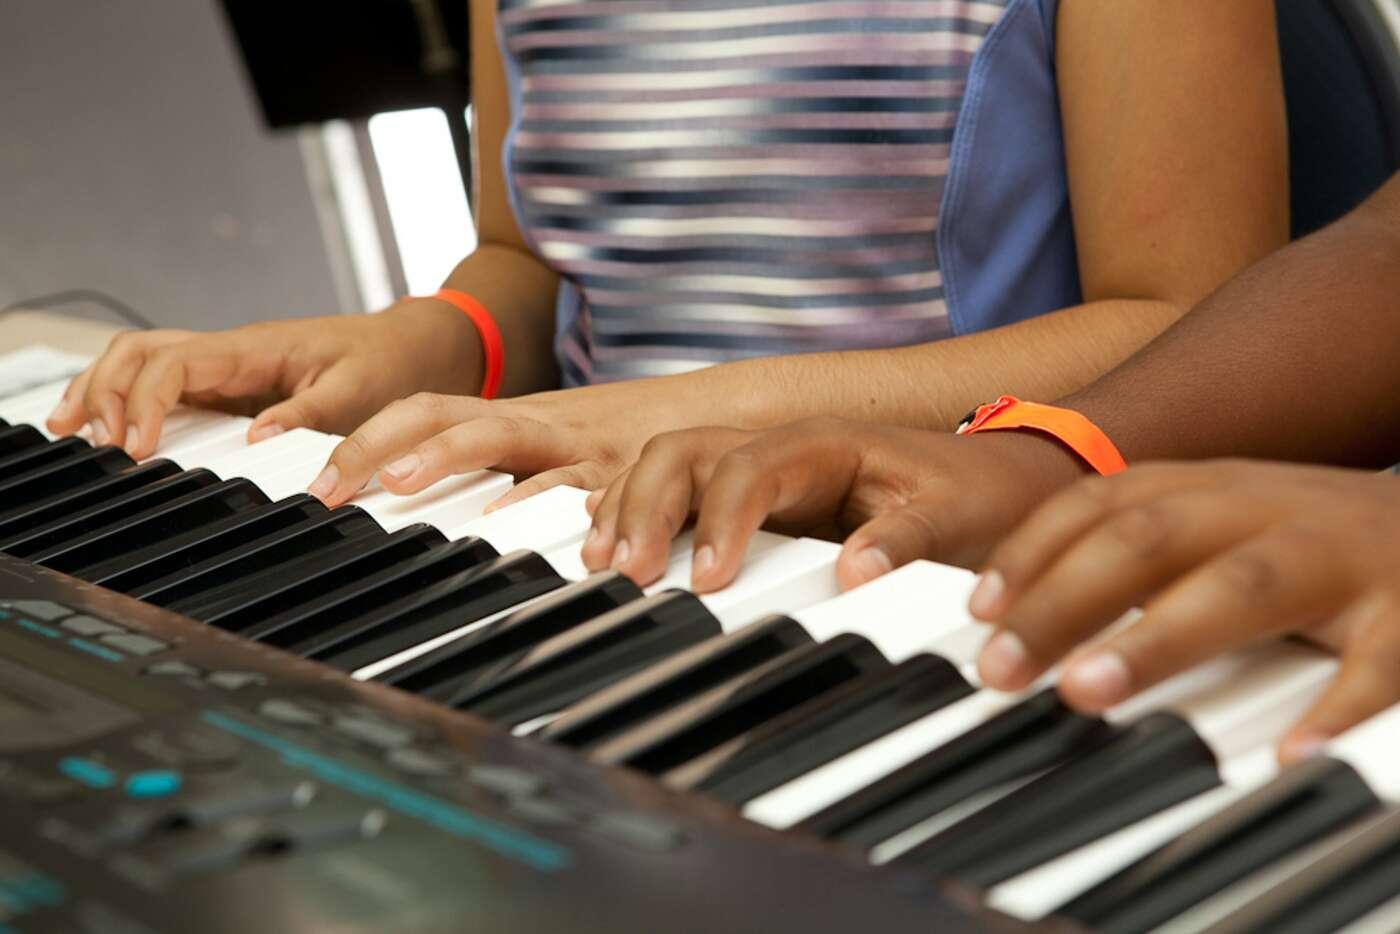 Le travail sur le rythme en musique serait bénéfique aux enfants dyslexiques. © Salvation Army USA West, Flickr, CC by 2.0